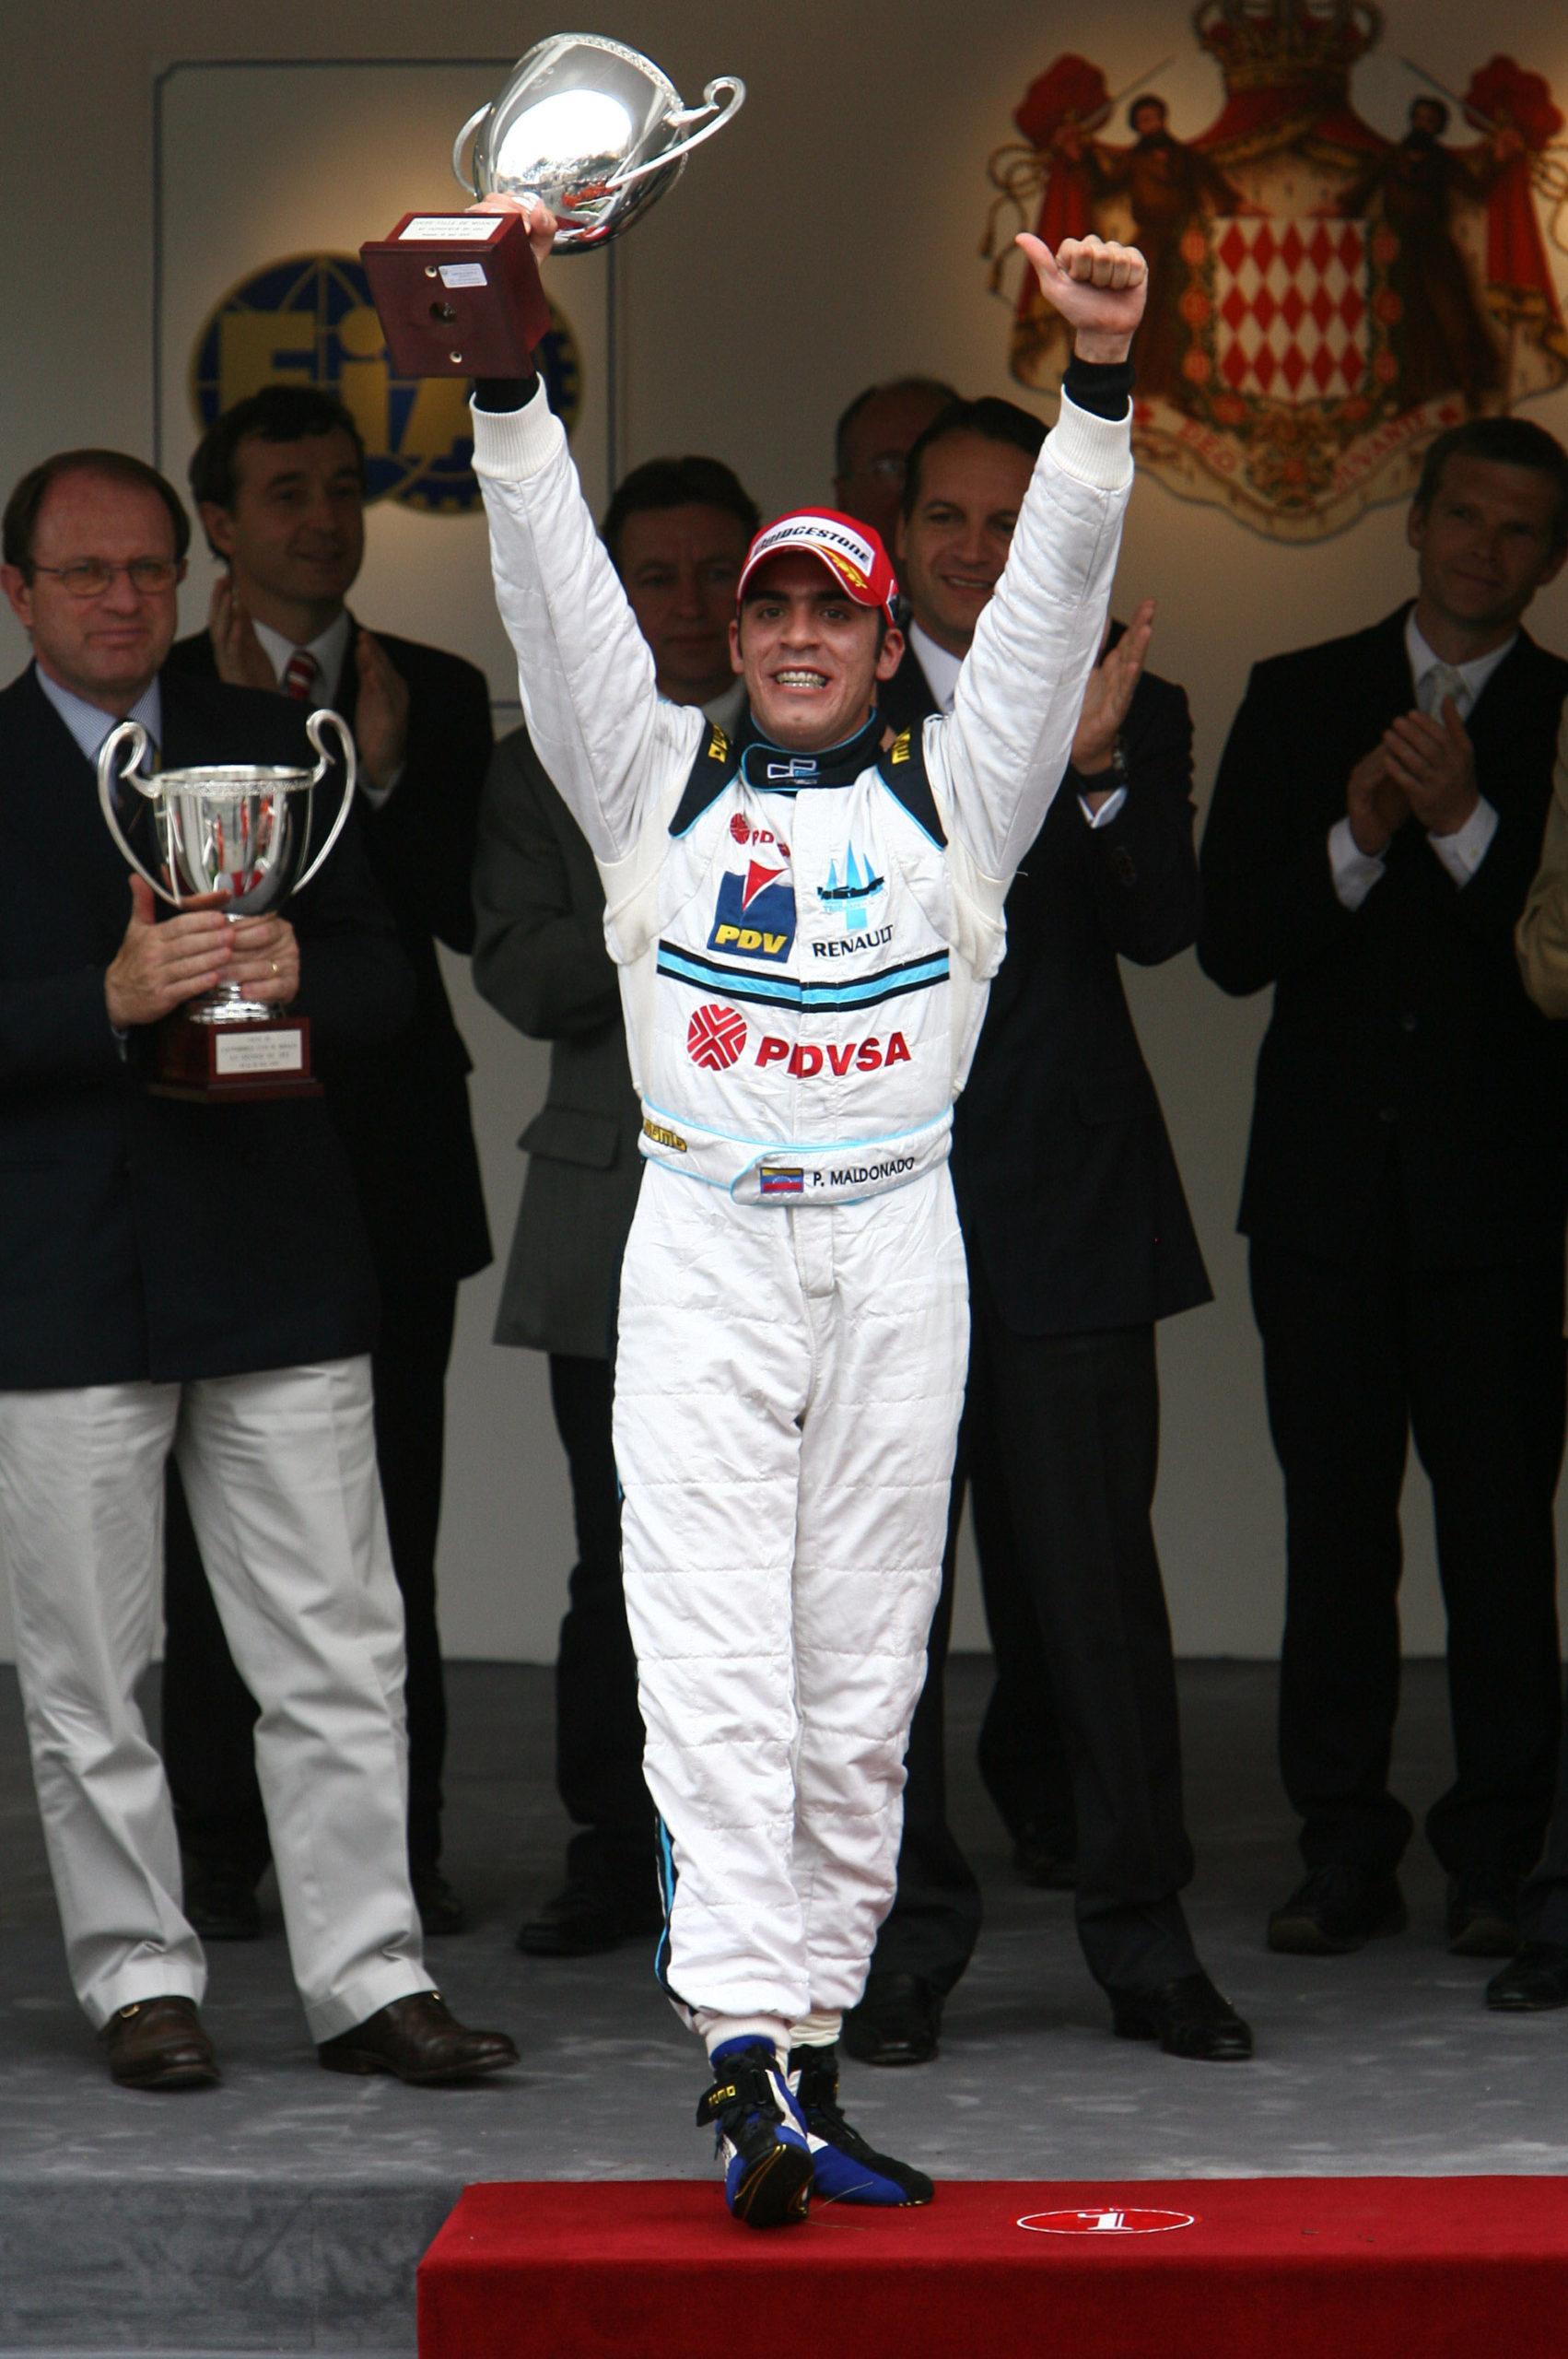 Pastor-Maldonado-celebrates-winning-the-2007-GP2-Monaco-race